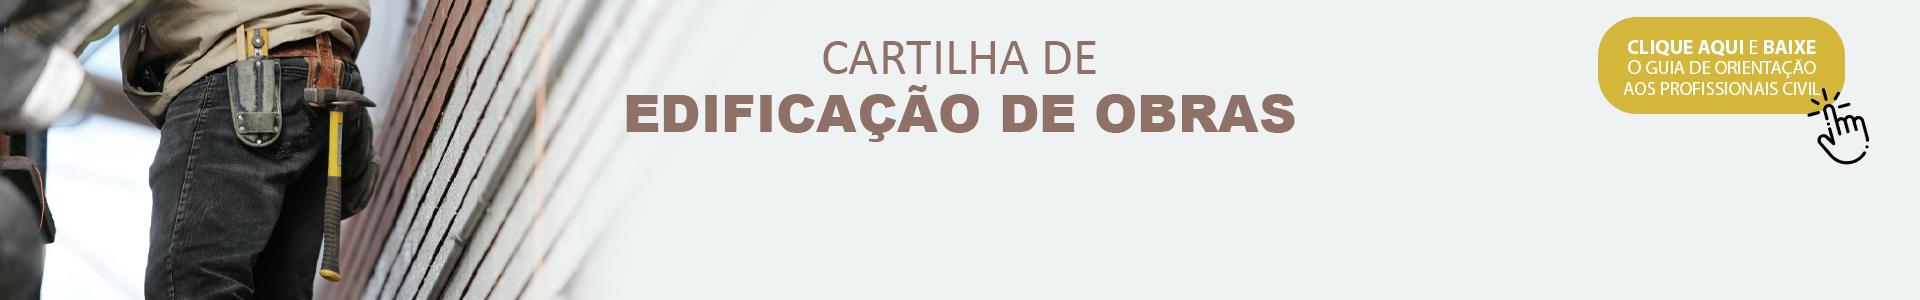 cartilha_de-obra__original